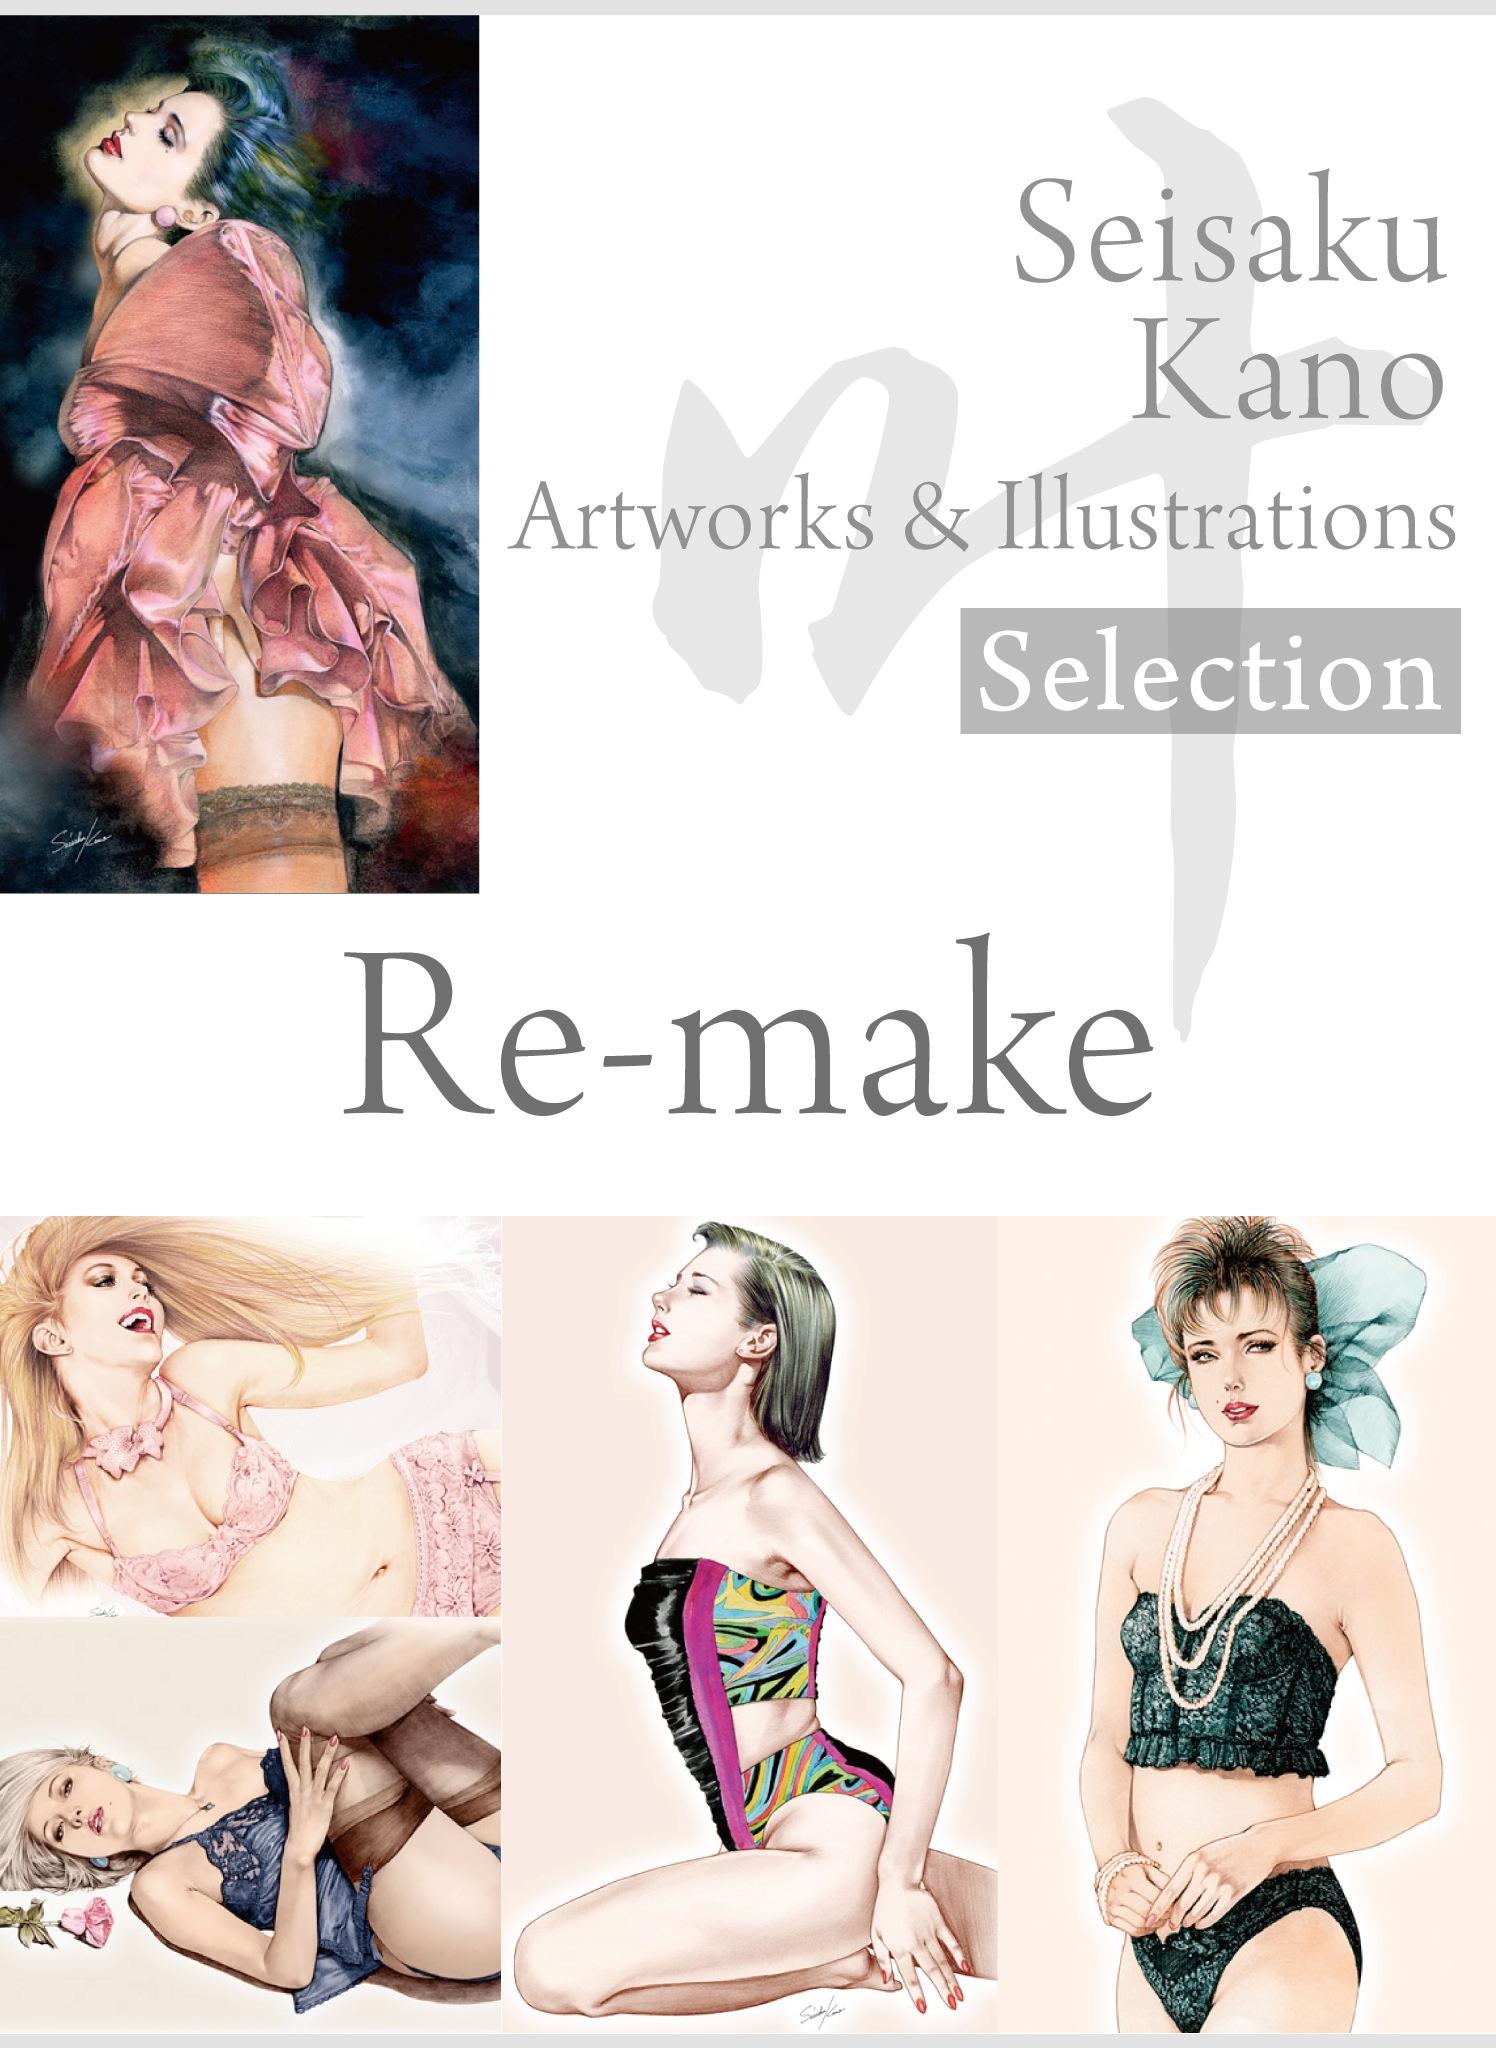 叶精作 作品集②(分冊版 4/4)Seisaku Kano Artworks & illustrations Selection – Re-make